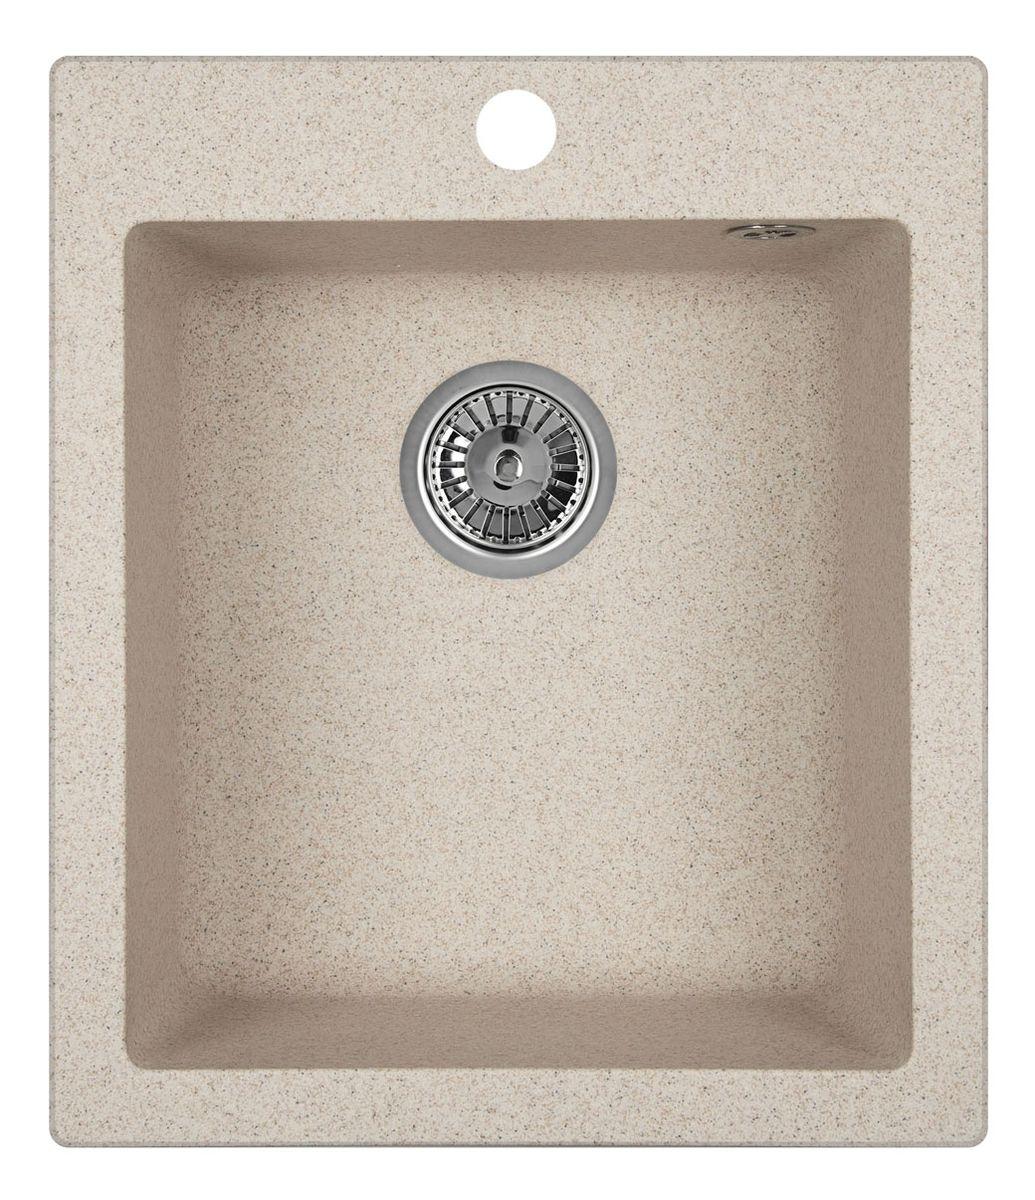 """Мойка Weissgauff """"Quadro 420 Eco Granit"""", цвет: песочный, 41,5 х 19,5 х 49,0 см 306173"""